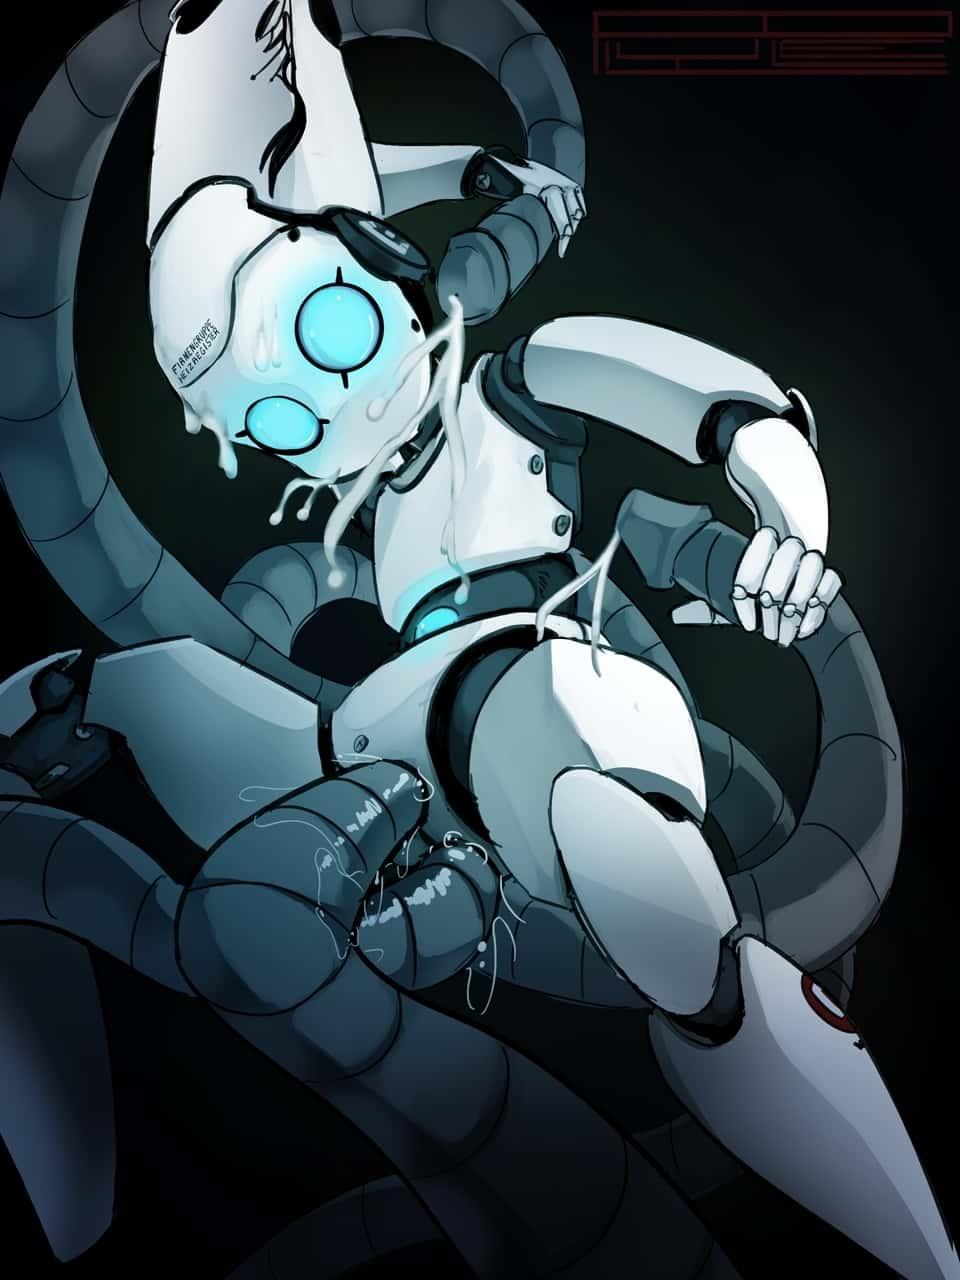 hentai cyborg Android cyberpunk 272 - 【二次】サイボーグやアンドロイドのエロ画像:イラスト その8